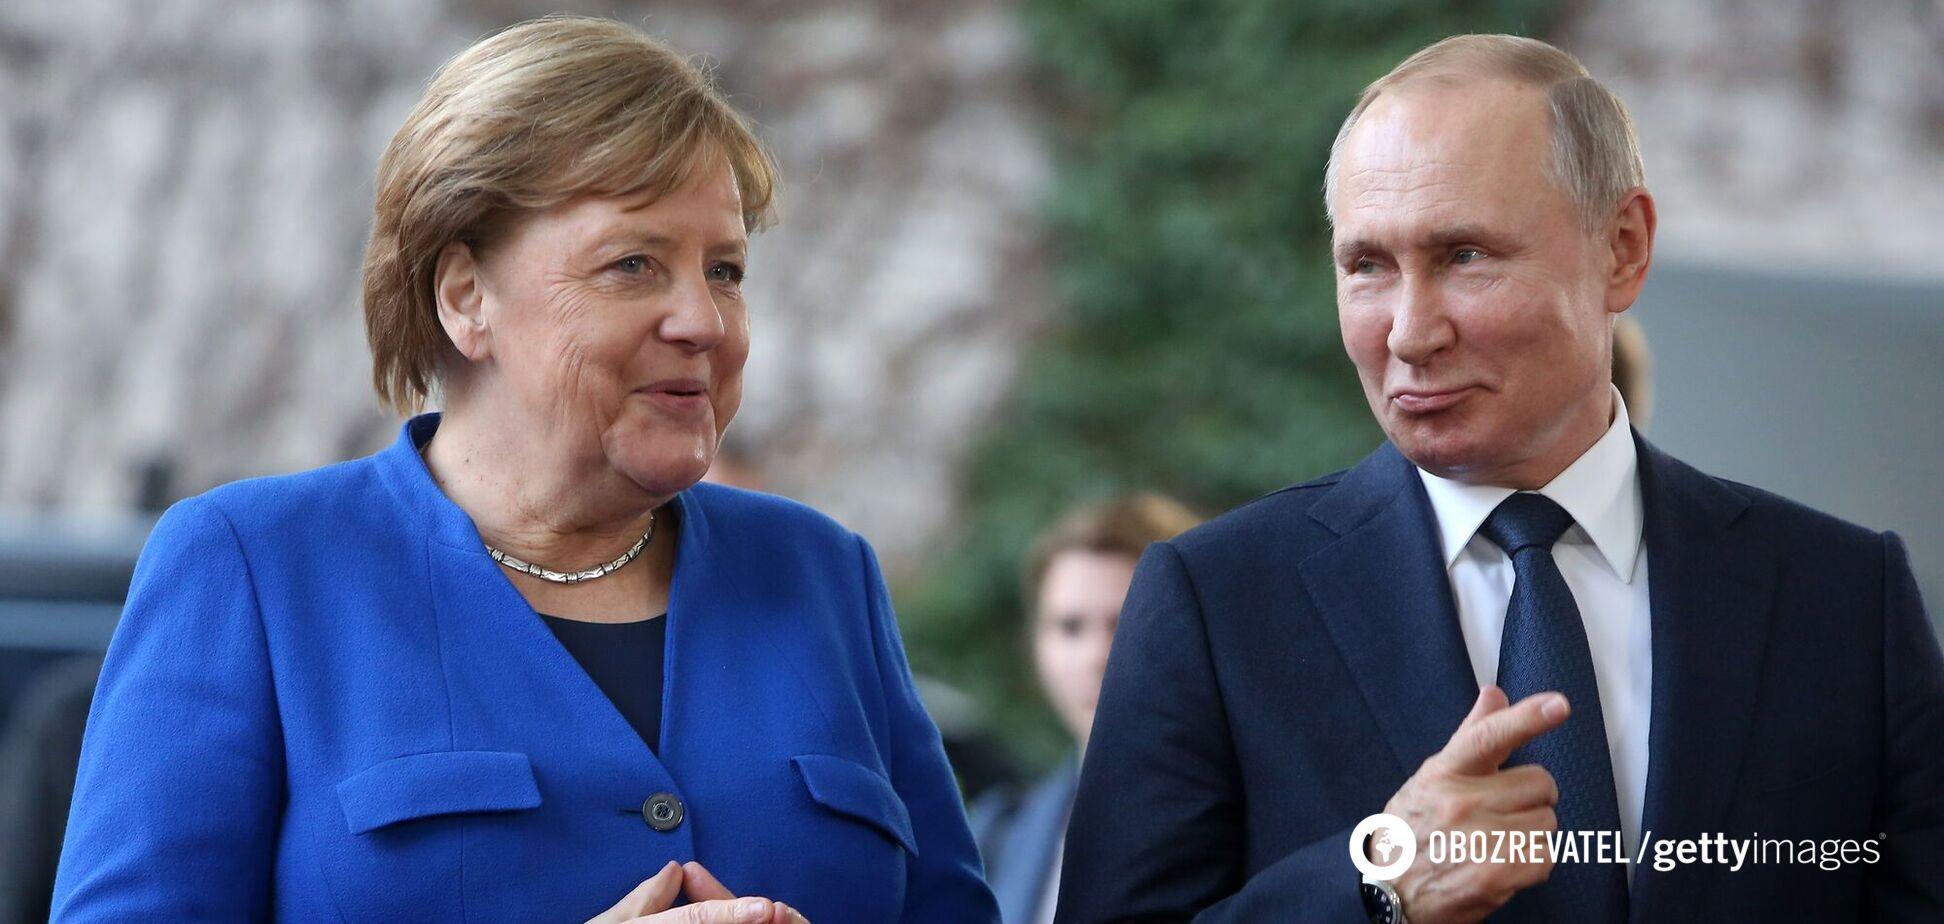 Застой 'нормандского формата' и 'Северный поток-2': главные заявления Меркель и Путина. Фото и видео